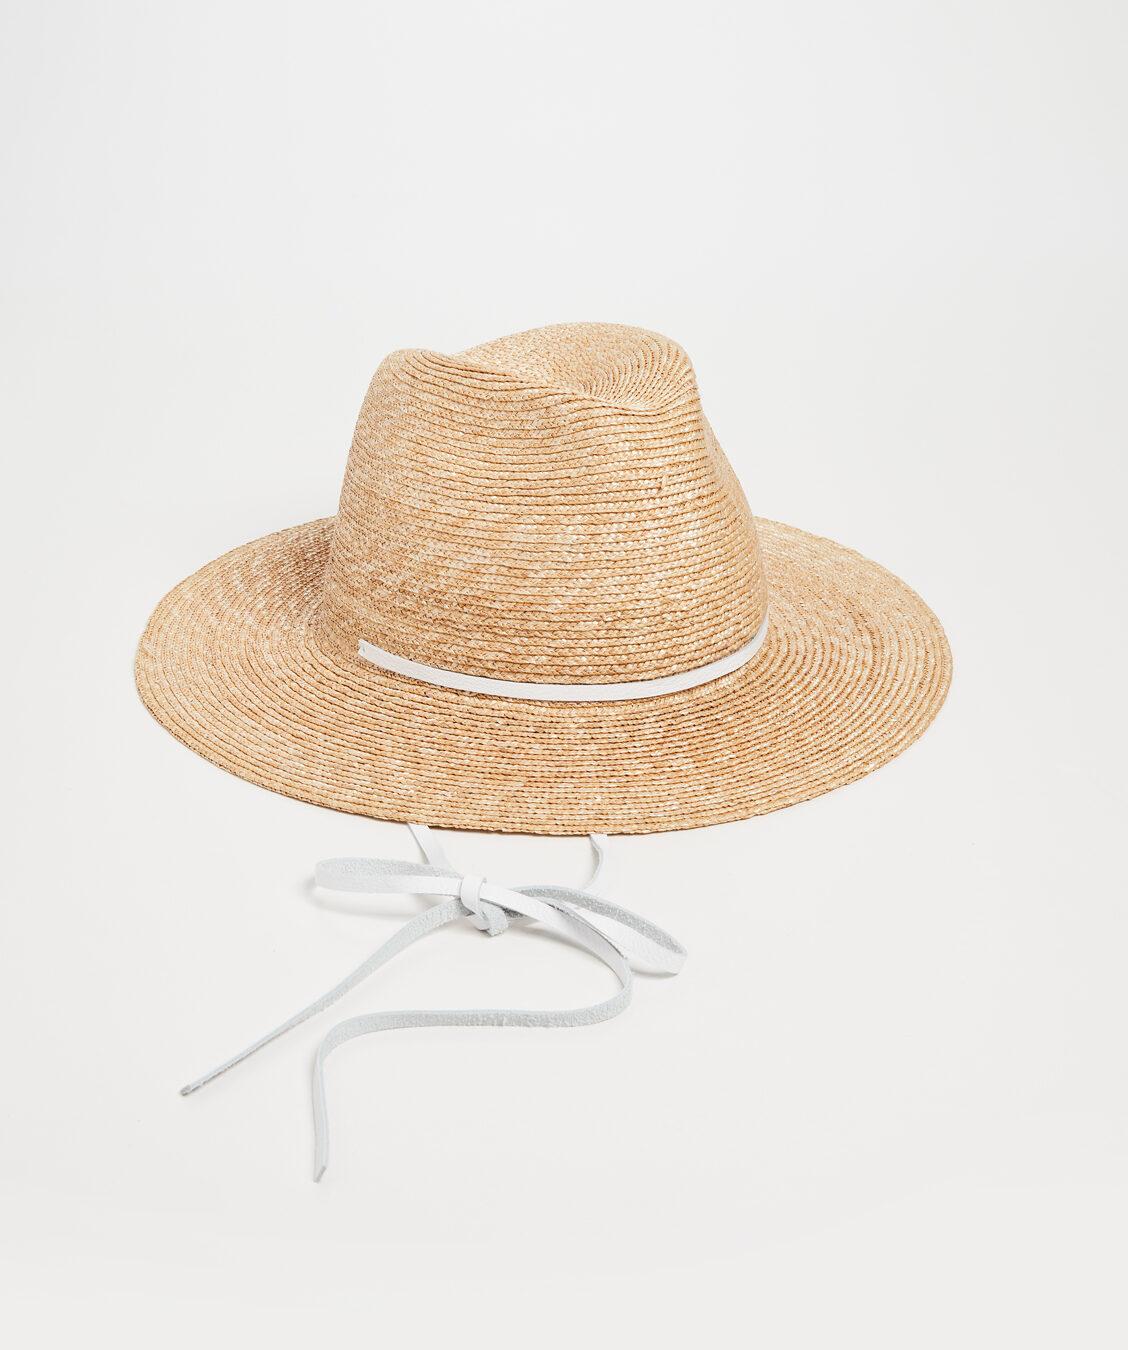 Lola Hats Marseille Sun Hat